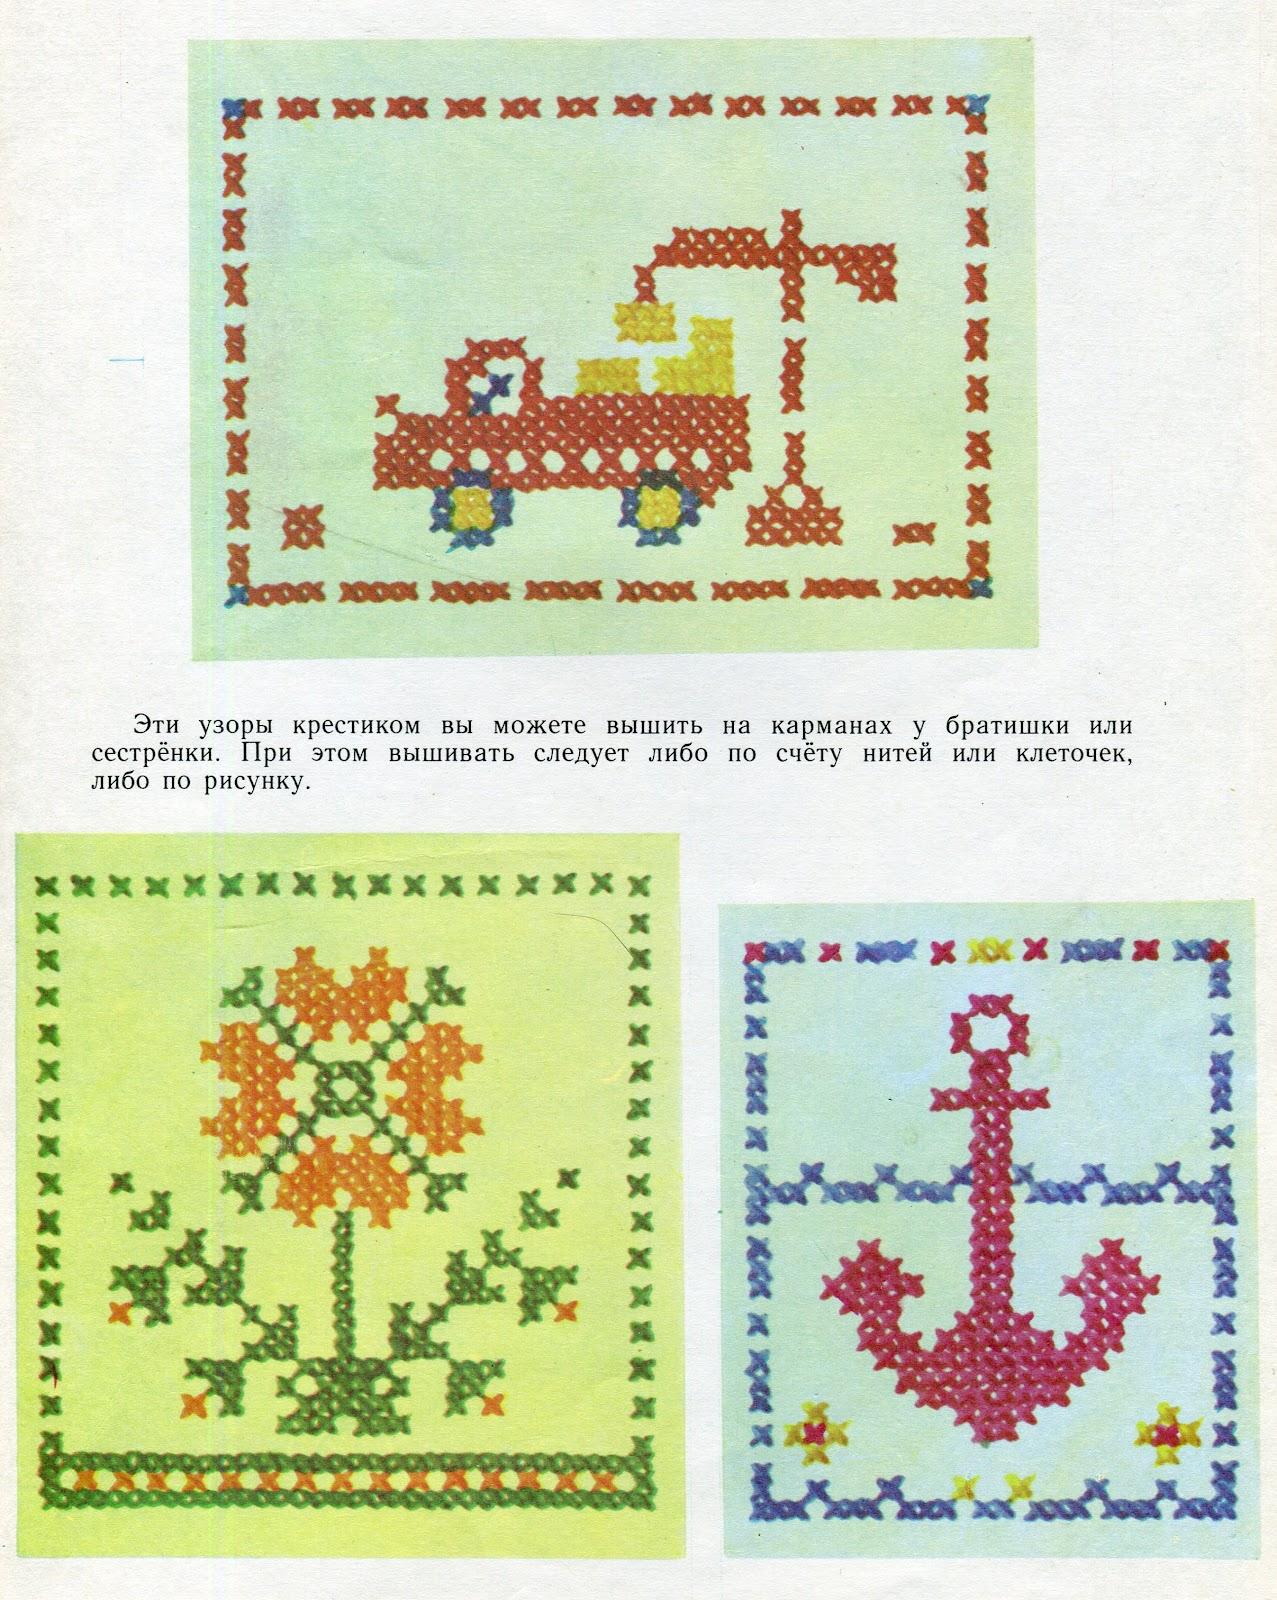 Символы и приметы в вышивке крестом - Мегавышивка 2